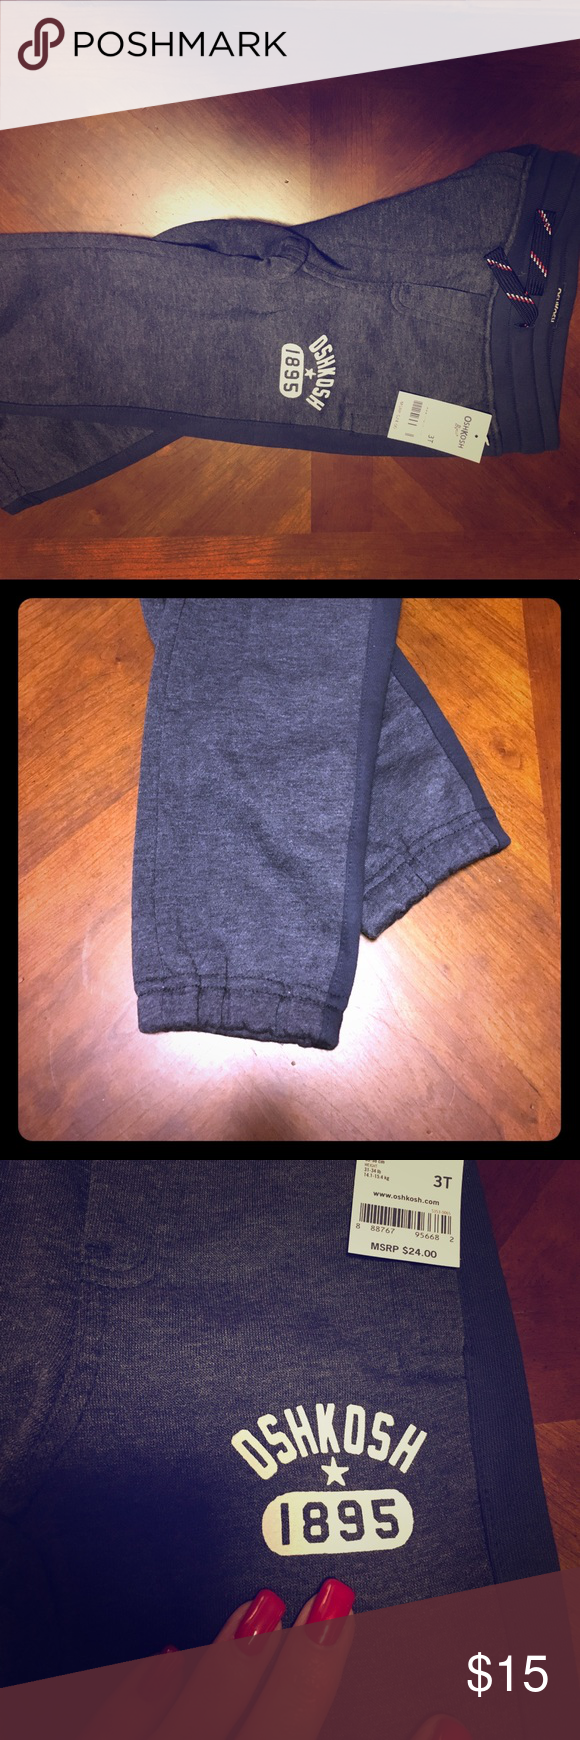 OshKosh Boys Navy Blue Sweatpants | Drawstring waist, Navy stripes ...